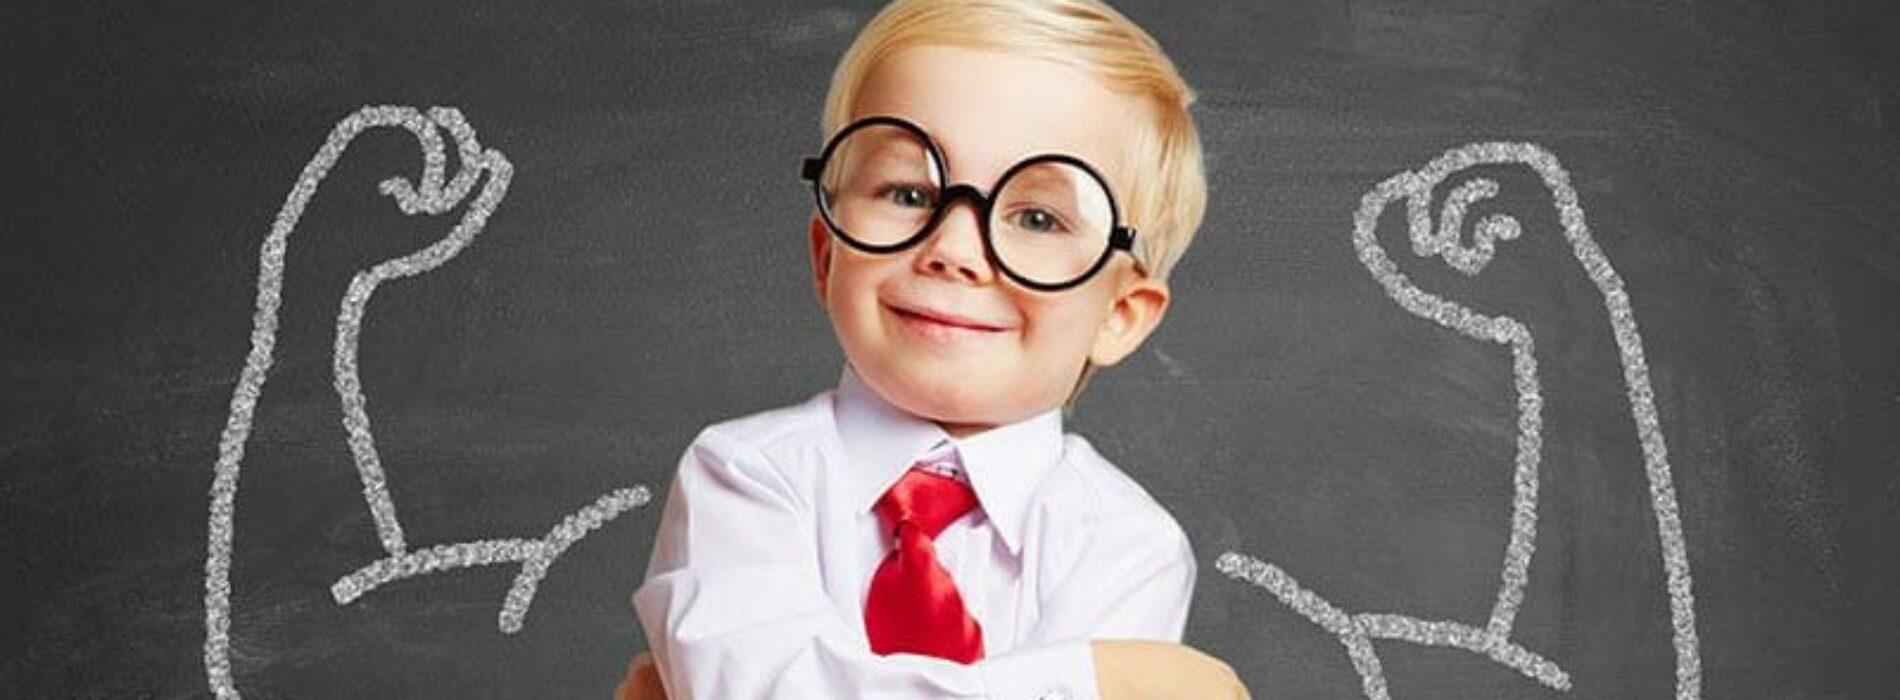 Bambini e autostima, l'importante è premiarli a ogni successo